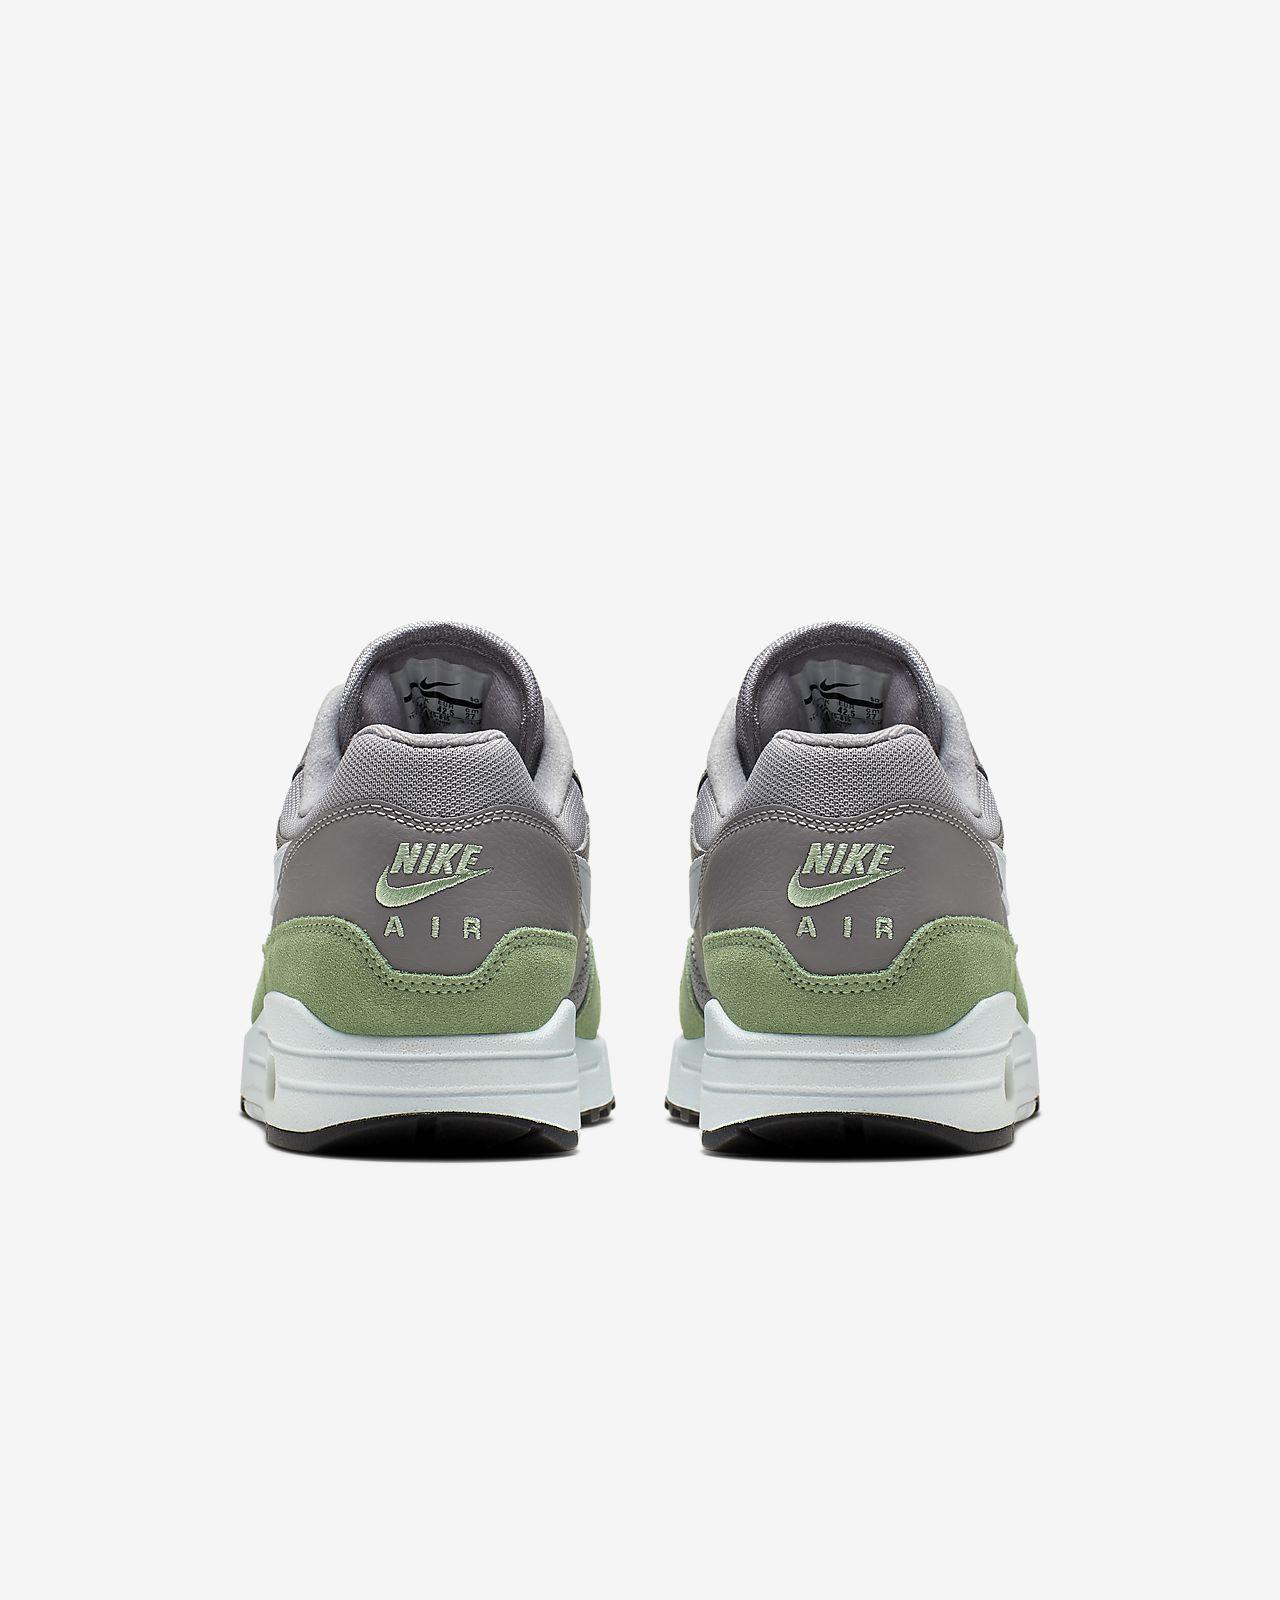 b16a4a9d1eff8 Nike Air Max 1 Men's Shoe. Nike.com